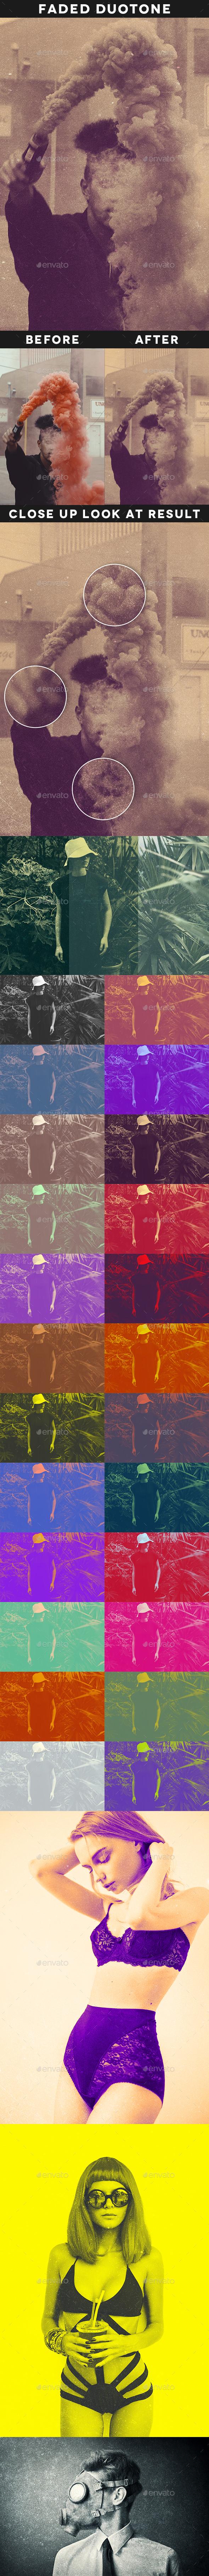 Faded Duotone - Artistic Photo Templates